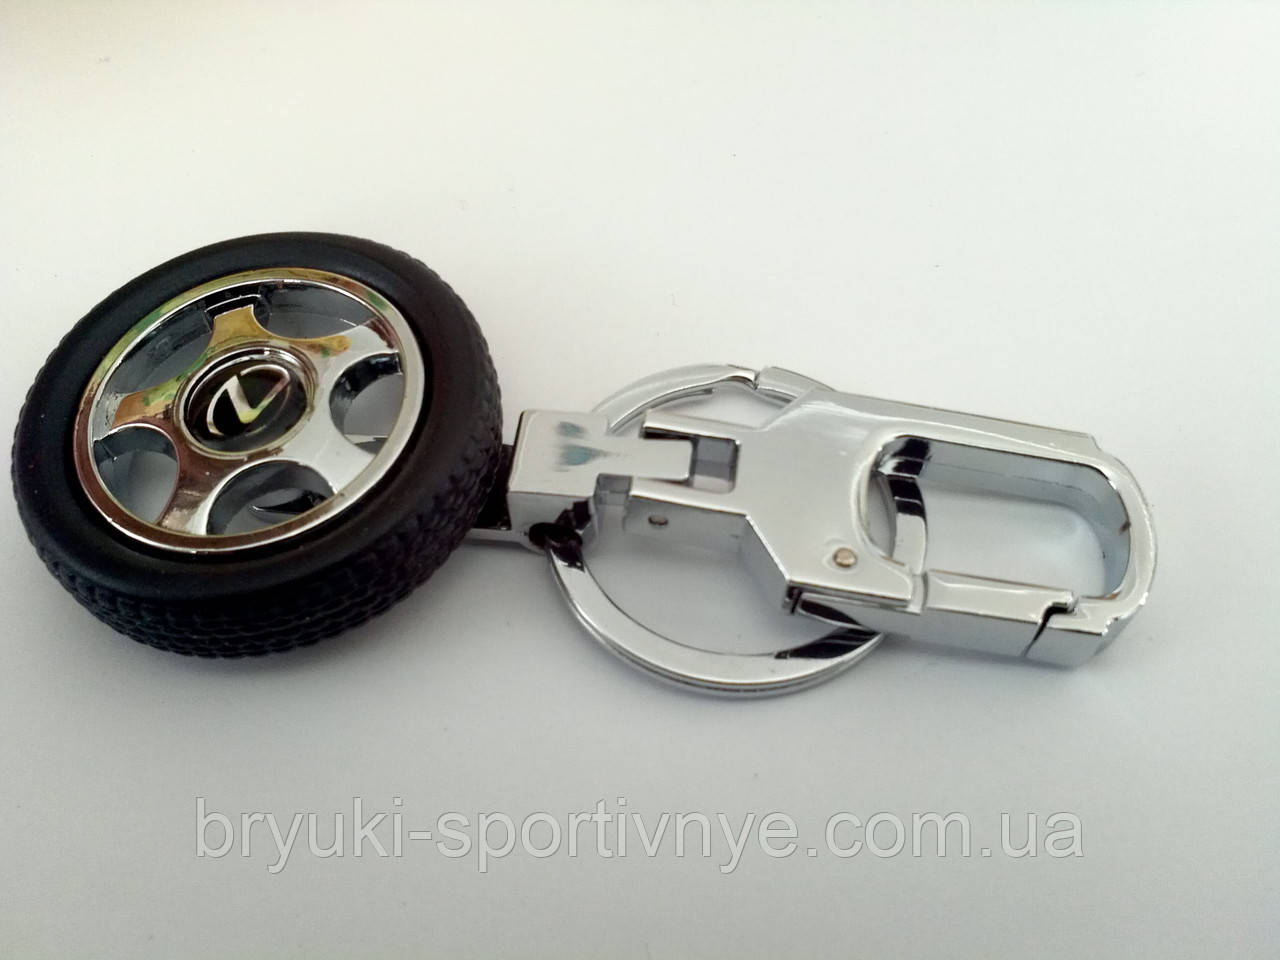 Брелок в форме колеса с логотипом Lexus